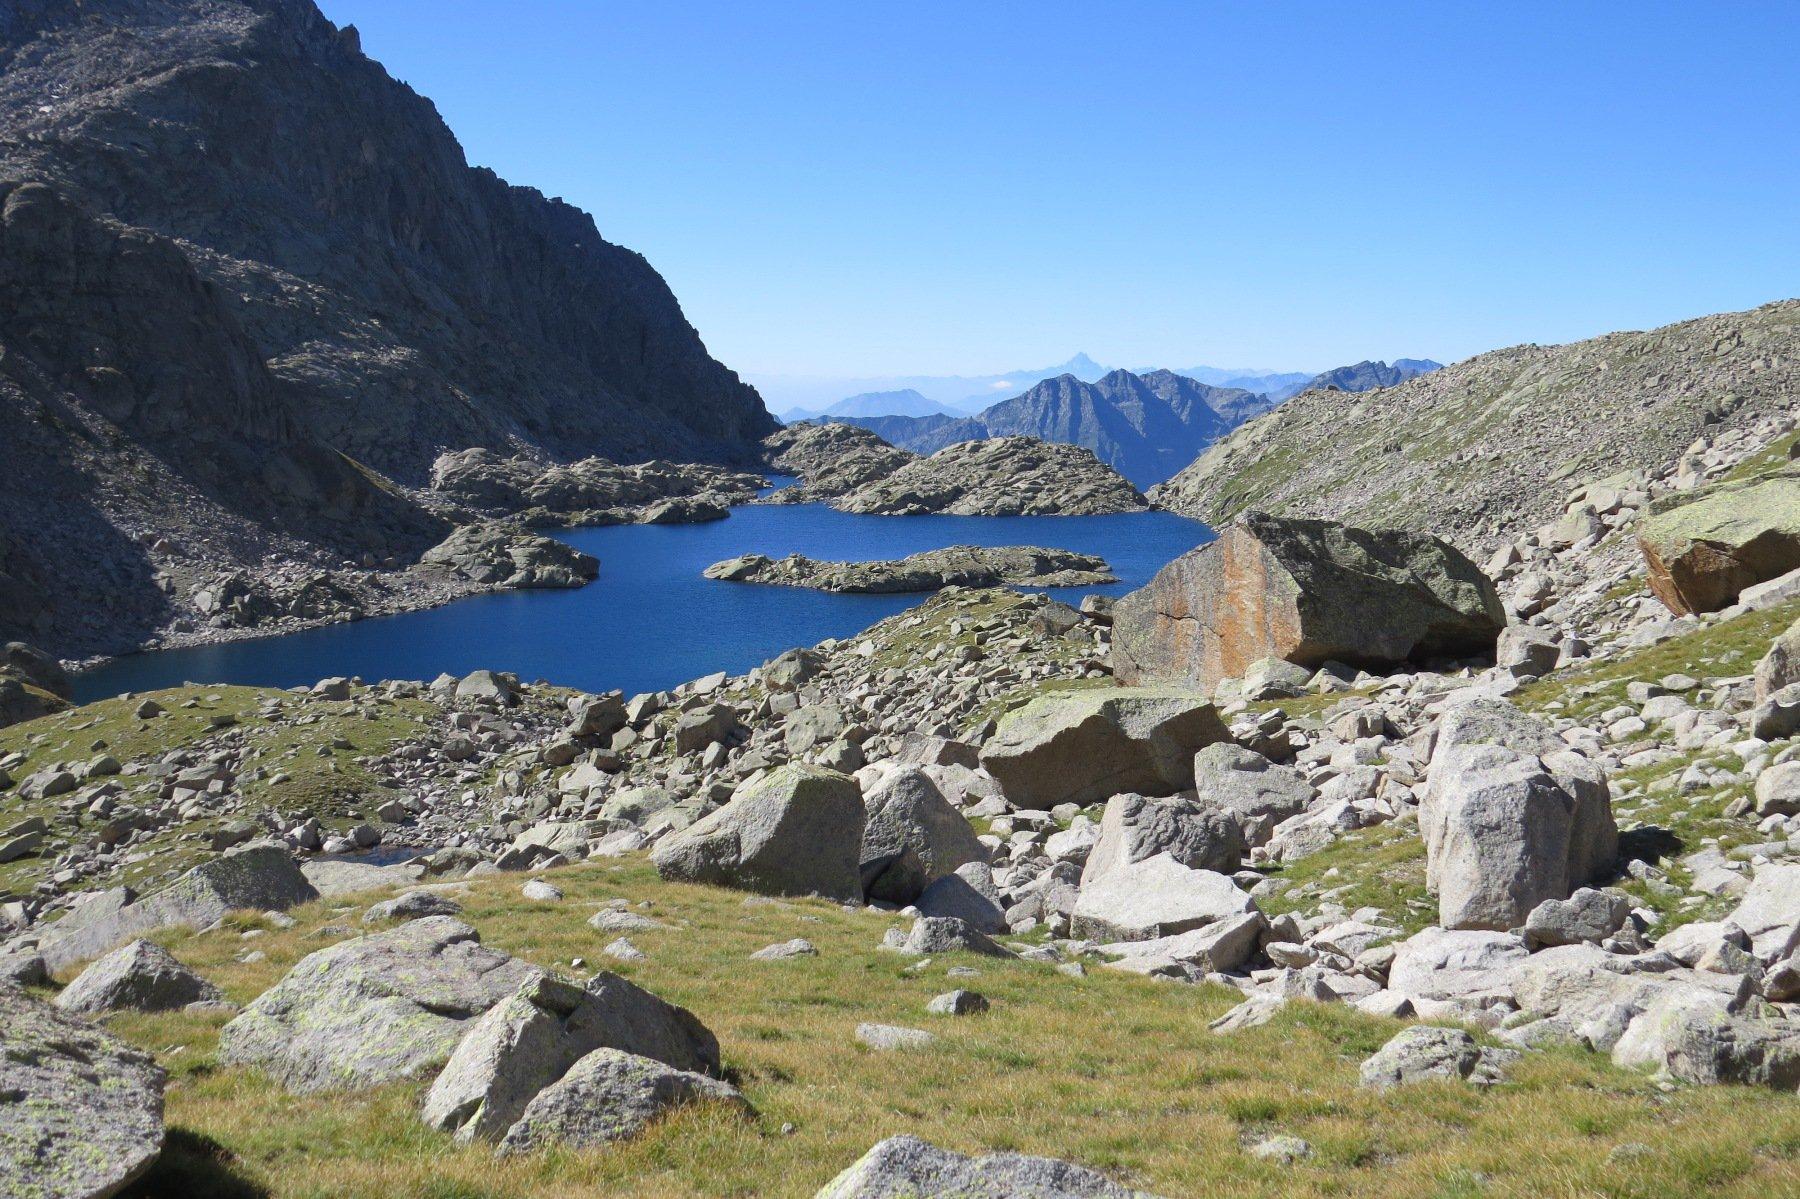 Lago della Motta